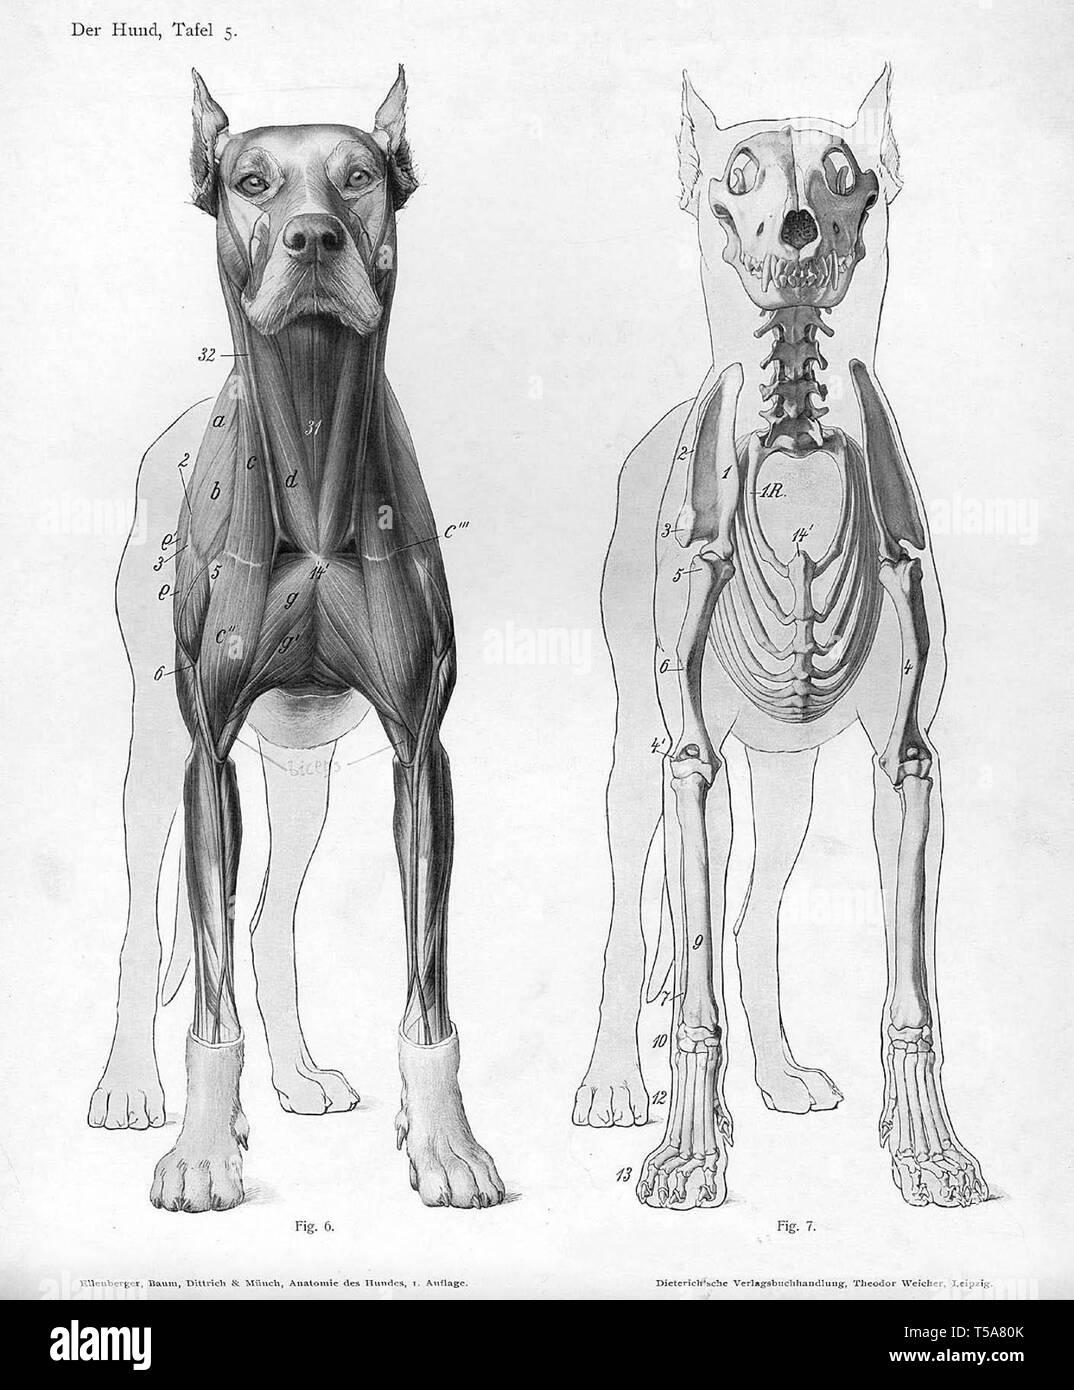 Animal anatomical engraving from Handbuch der Anatomie der Tiere für Künstler. Stock Photo